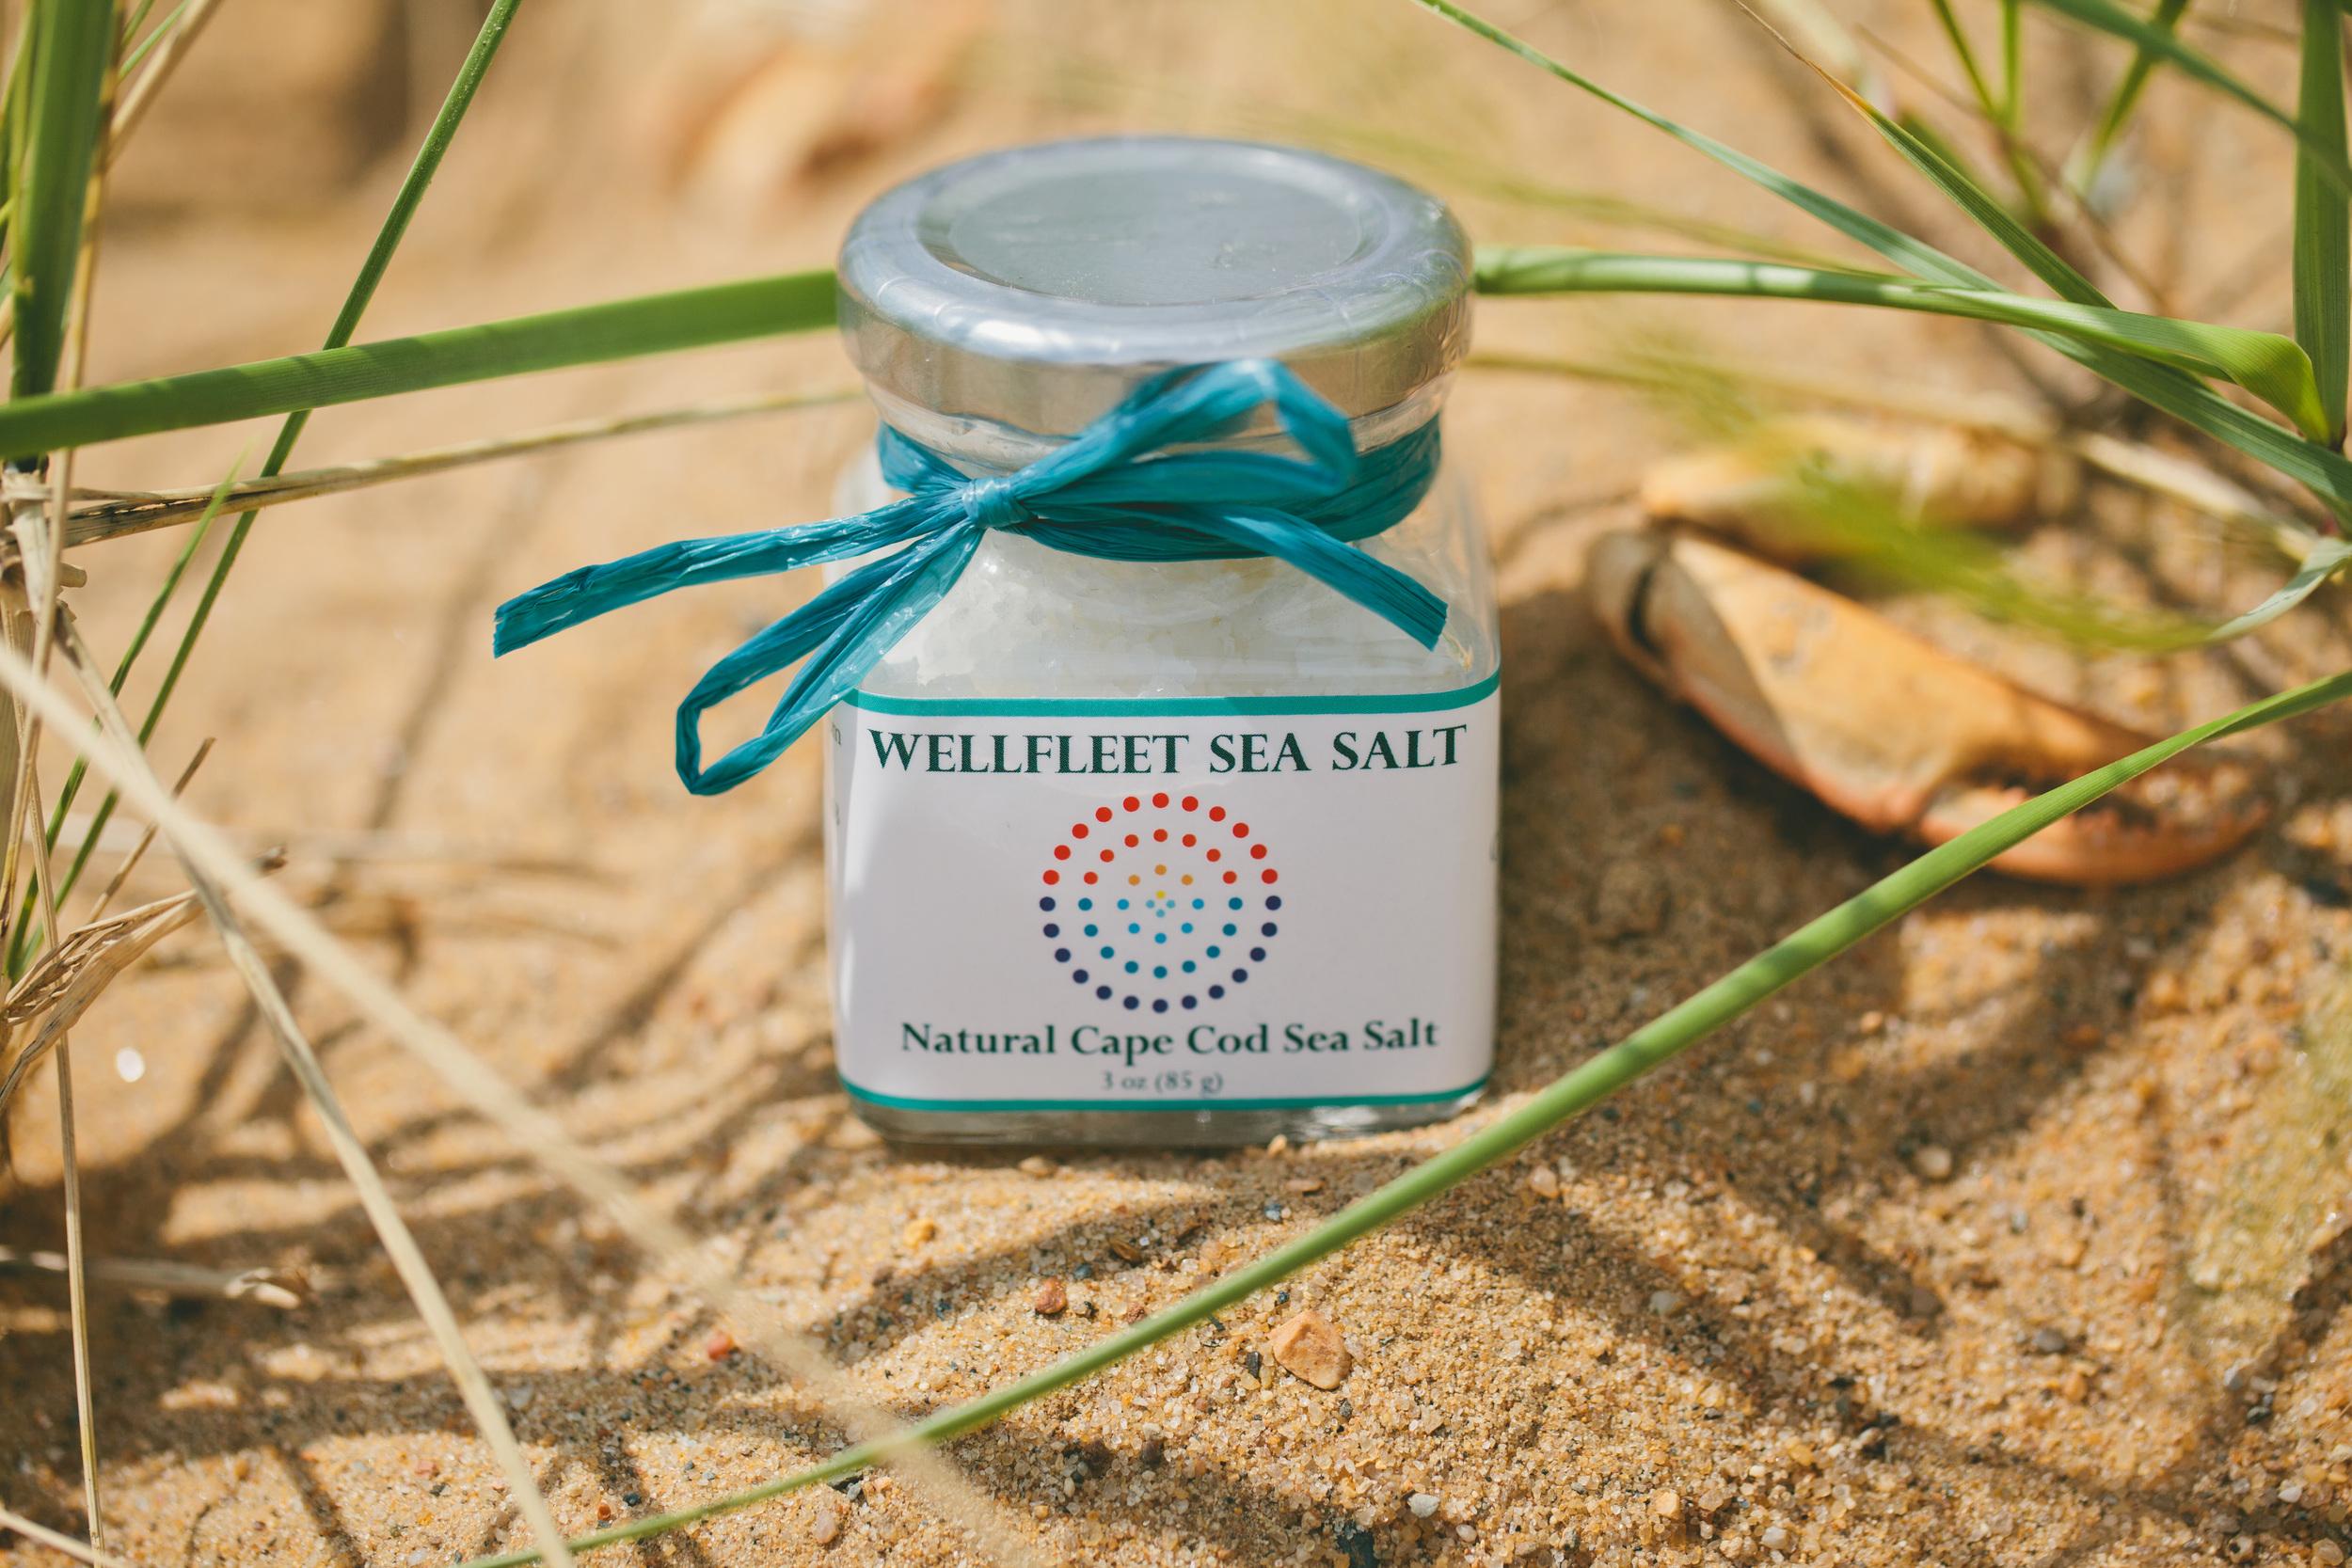 Wellfleet Sea Salt    Story by Jenn Bakos